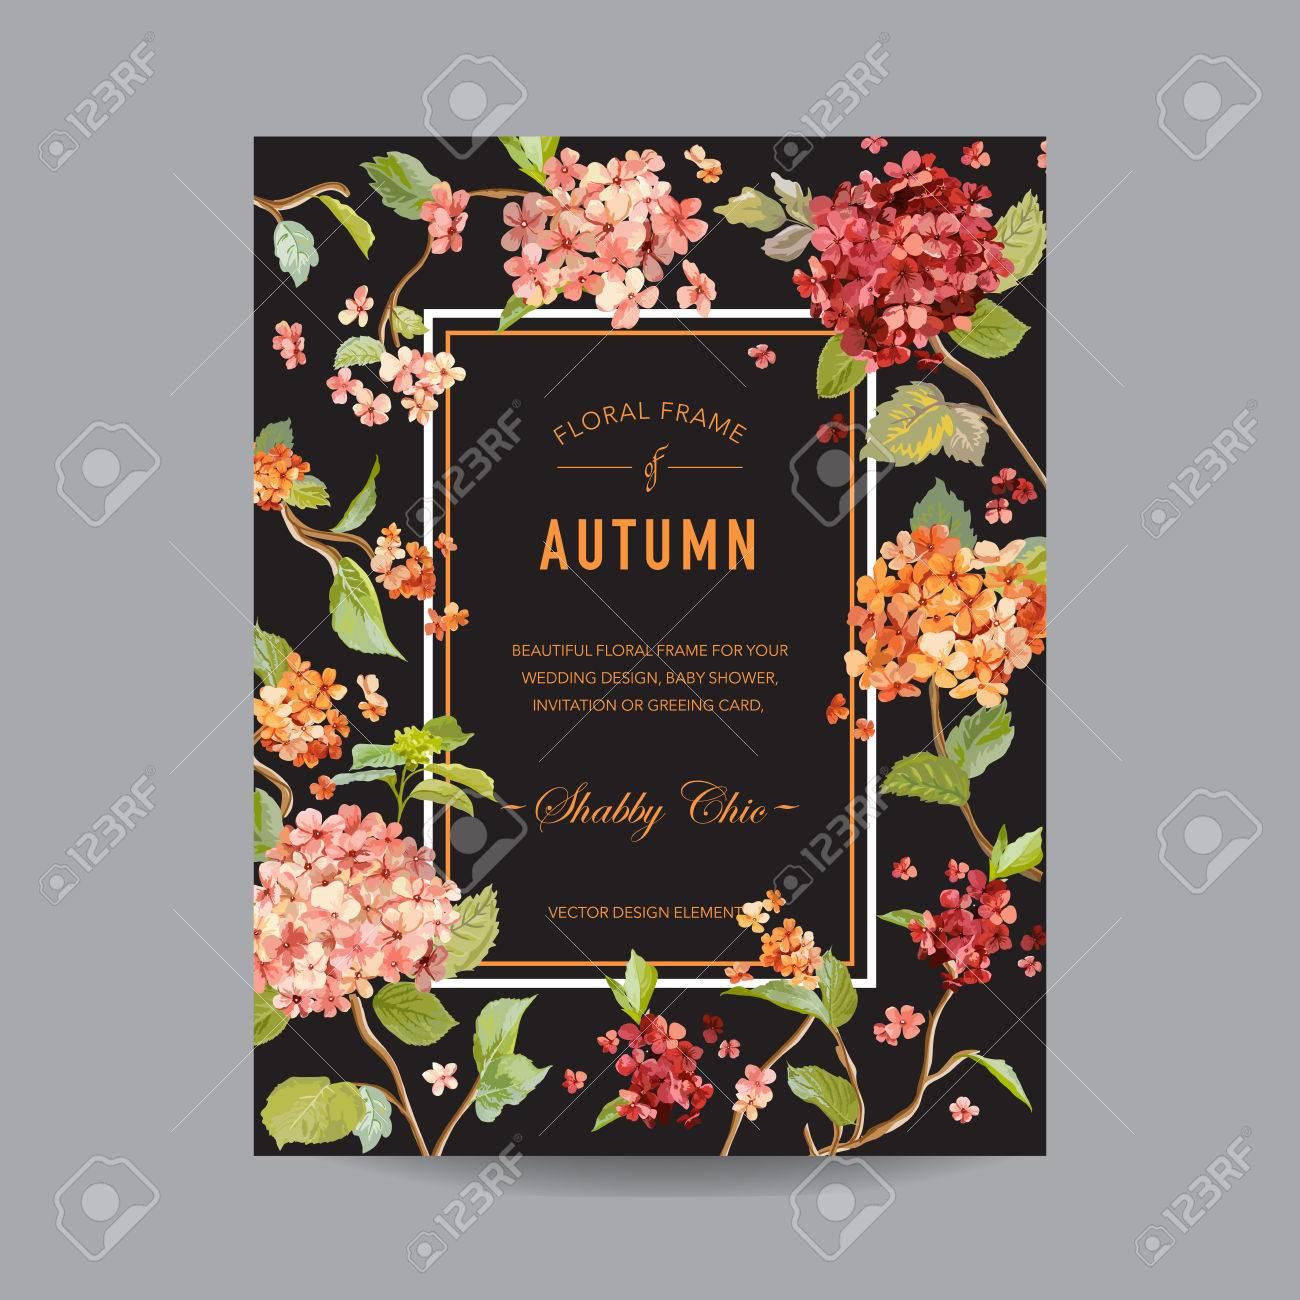 Vintage Rahmen Herbst Hortensia Blumen Fur Einladung Hochzeit